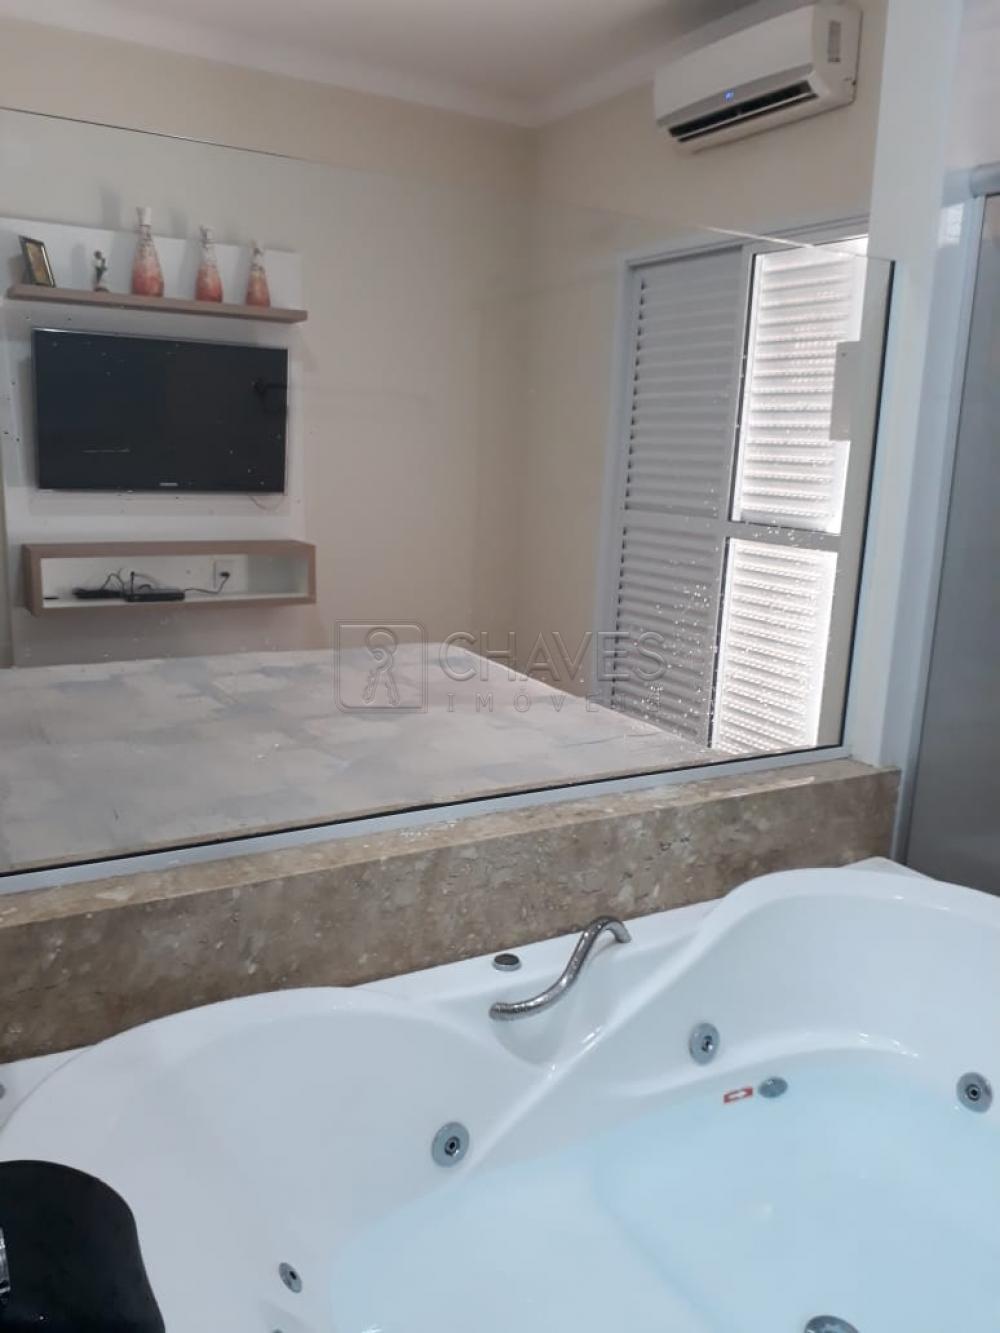 Comprar Casa / Condomínio em Ribeirão Preto apenas R$ 730.000,00 - Foto 12